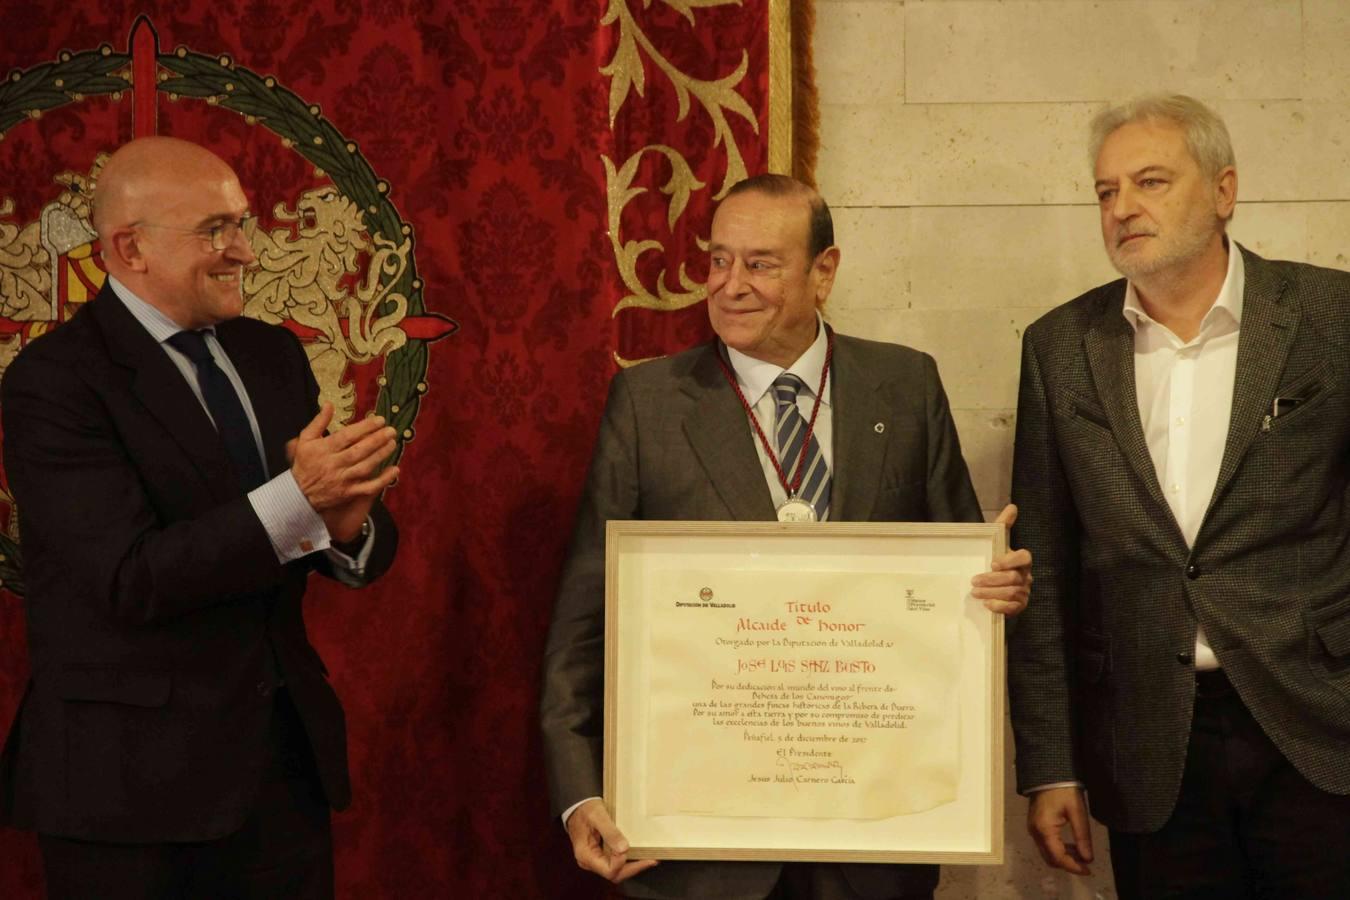 José Luis Bonet, Ruth Beitia y José Luis Sanz Bustos, nuevos Alcaides de Honor del Museo Provincial del Vino 2017